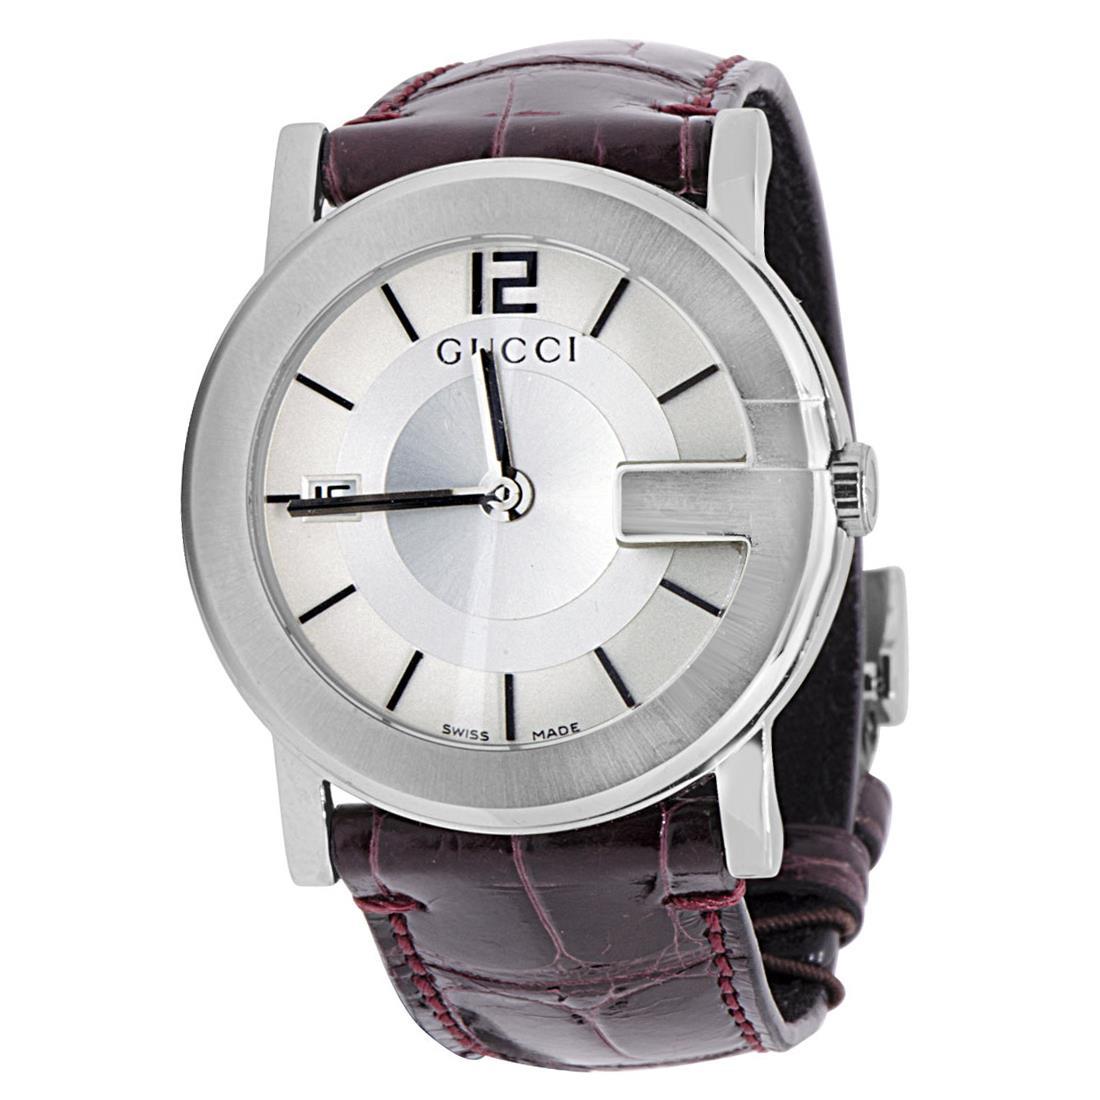 Orologio Gucci  36 mm - GUCCI